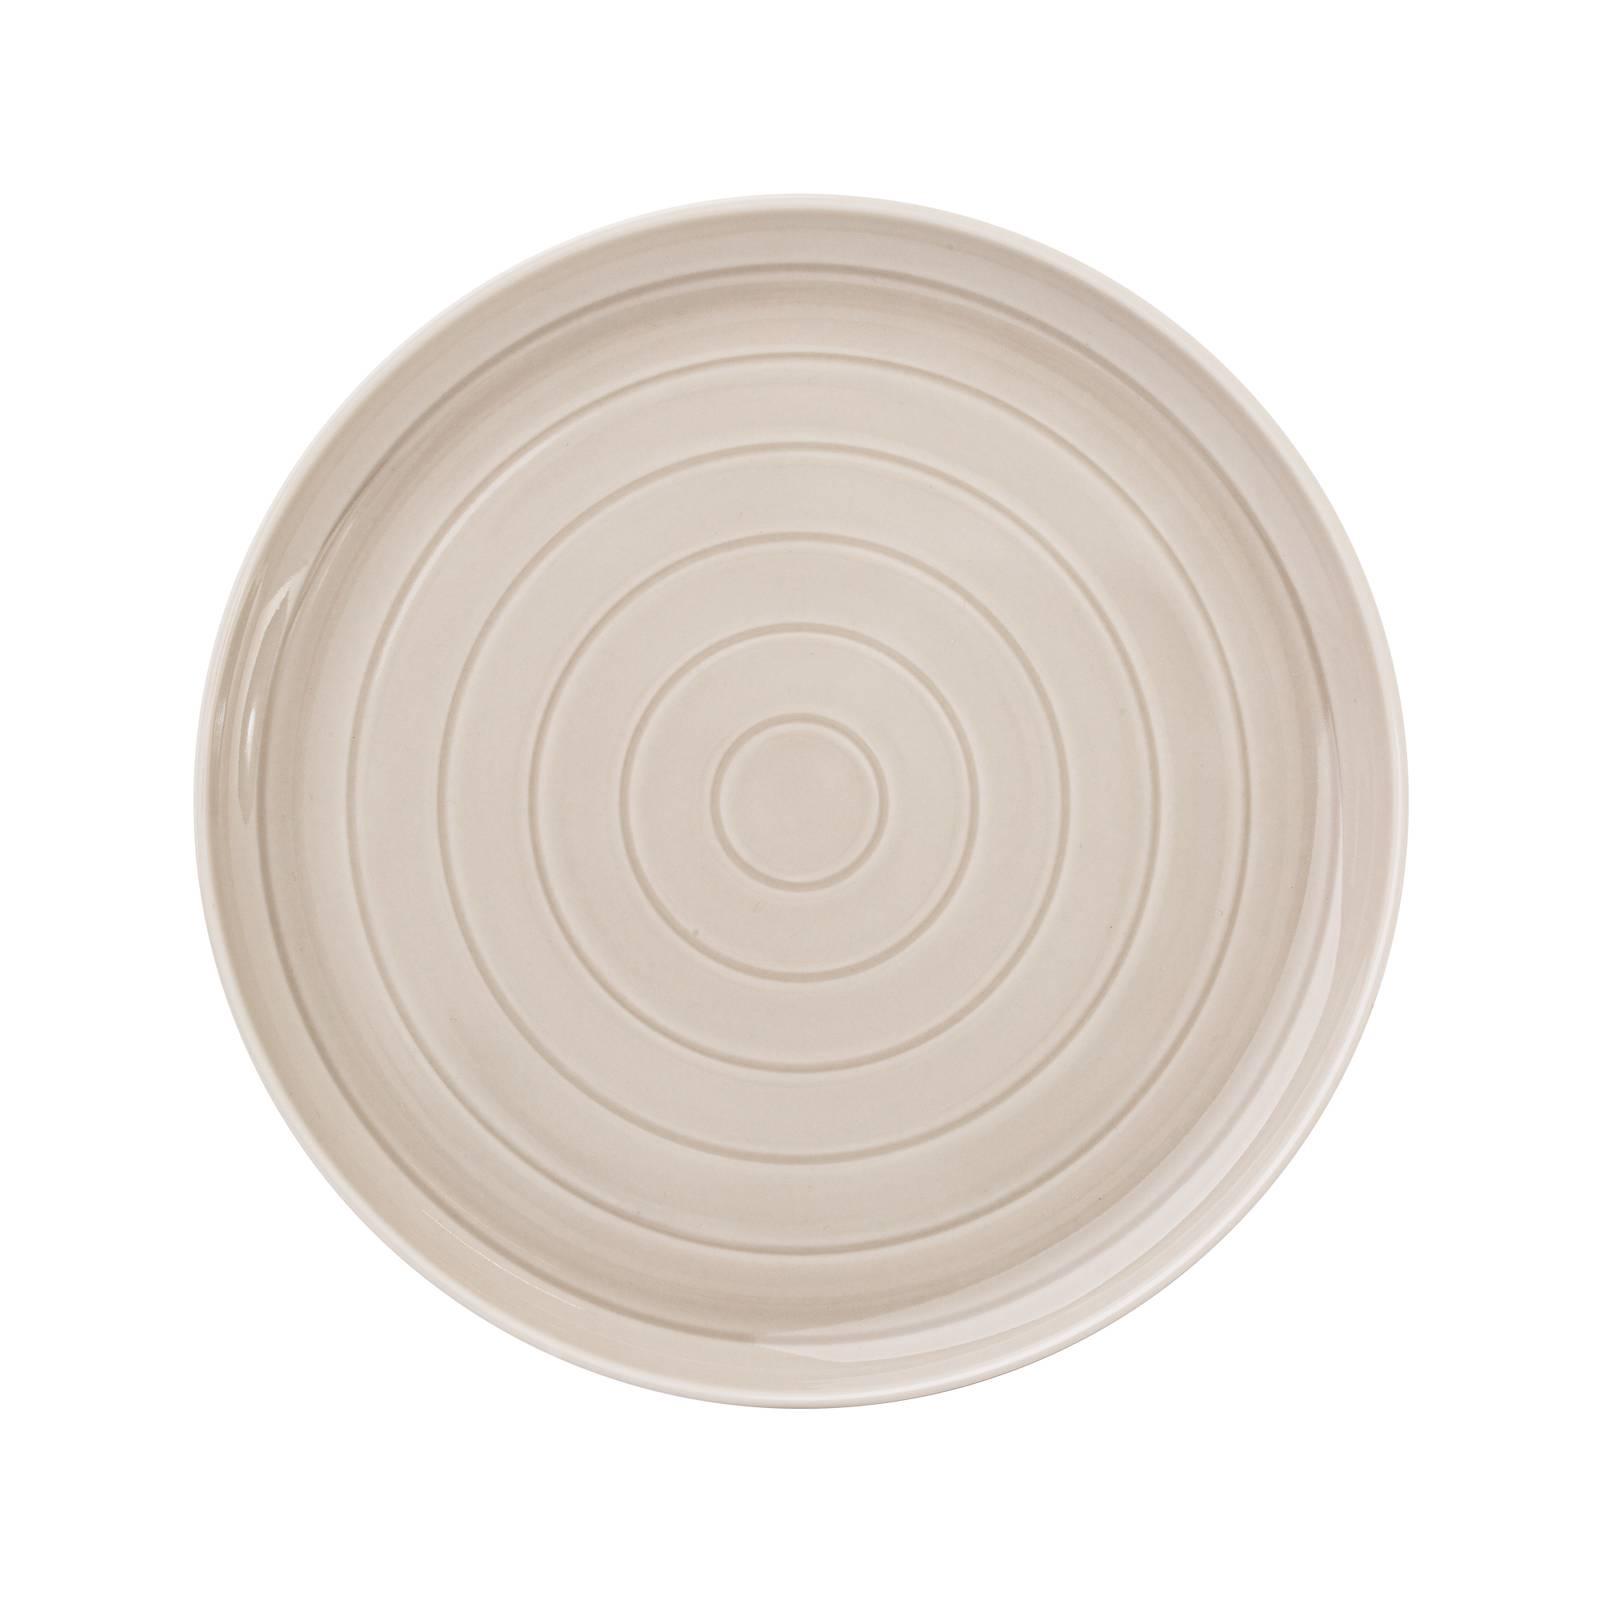 Porcelánový dezertní talíř Piano Gray 21 cm AMBITION